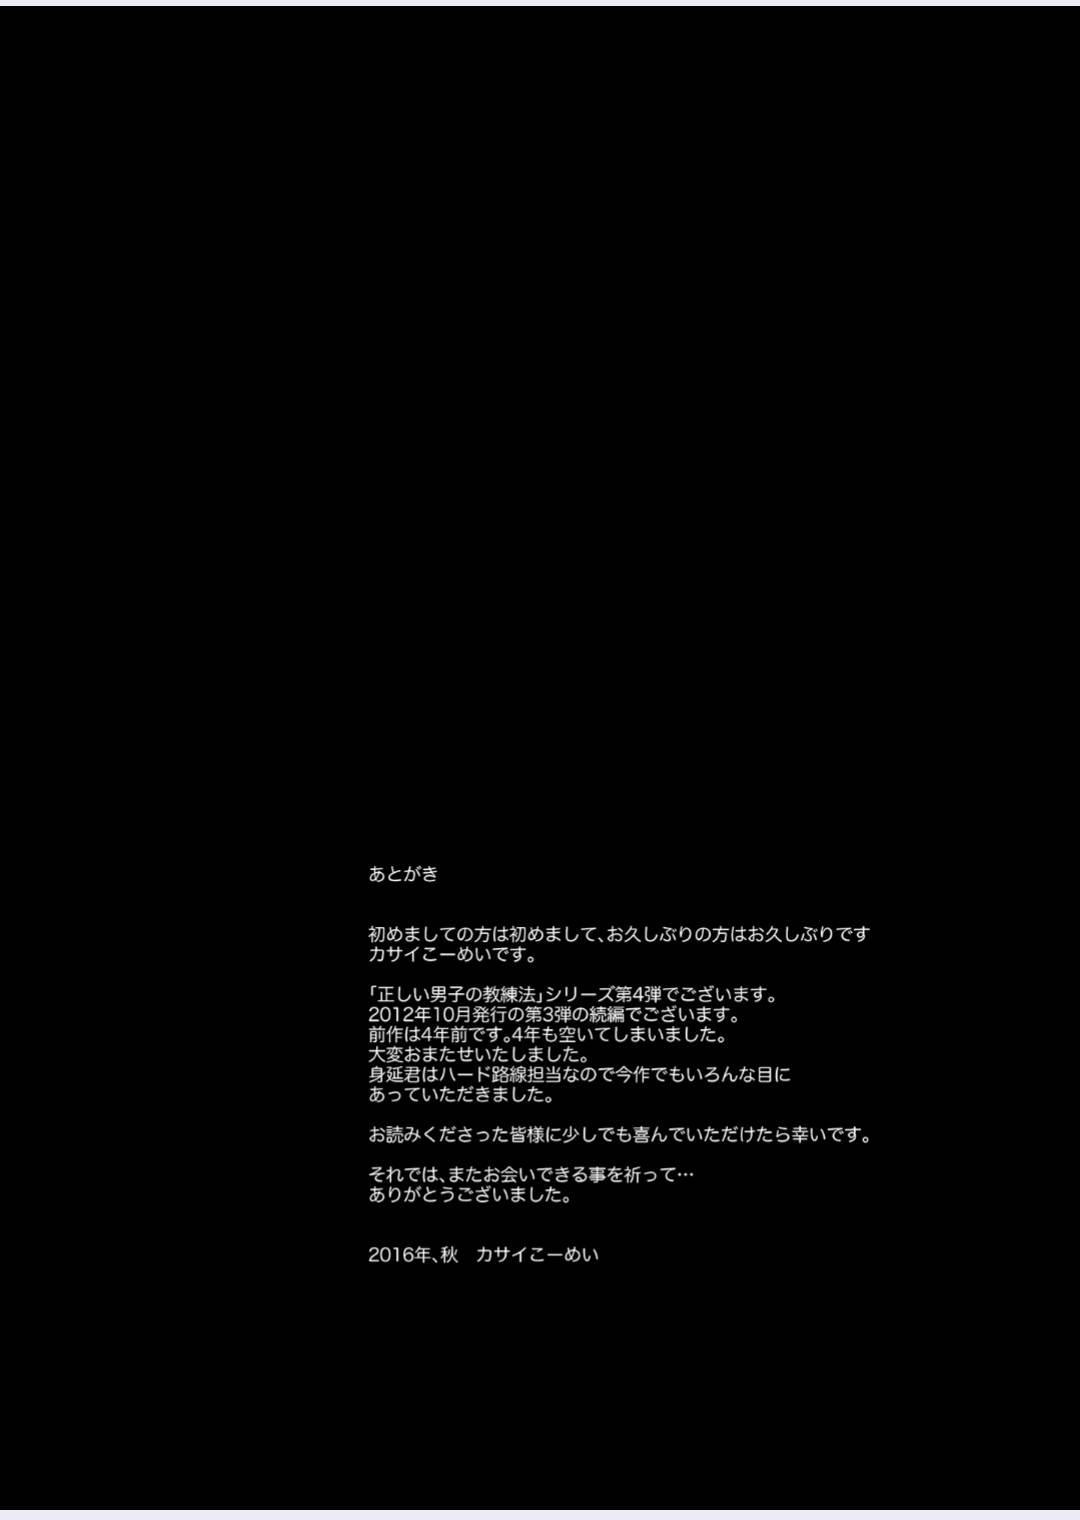 [KOWMEIISM (Kasai Kowmei)] Tadashii Danshi no Kyouren Hou (Yon) Deku to Kairai to [Digital] 35